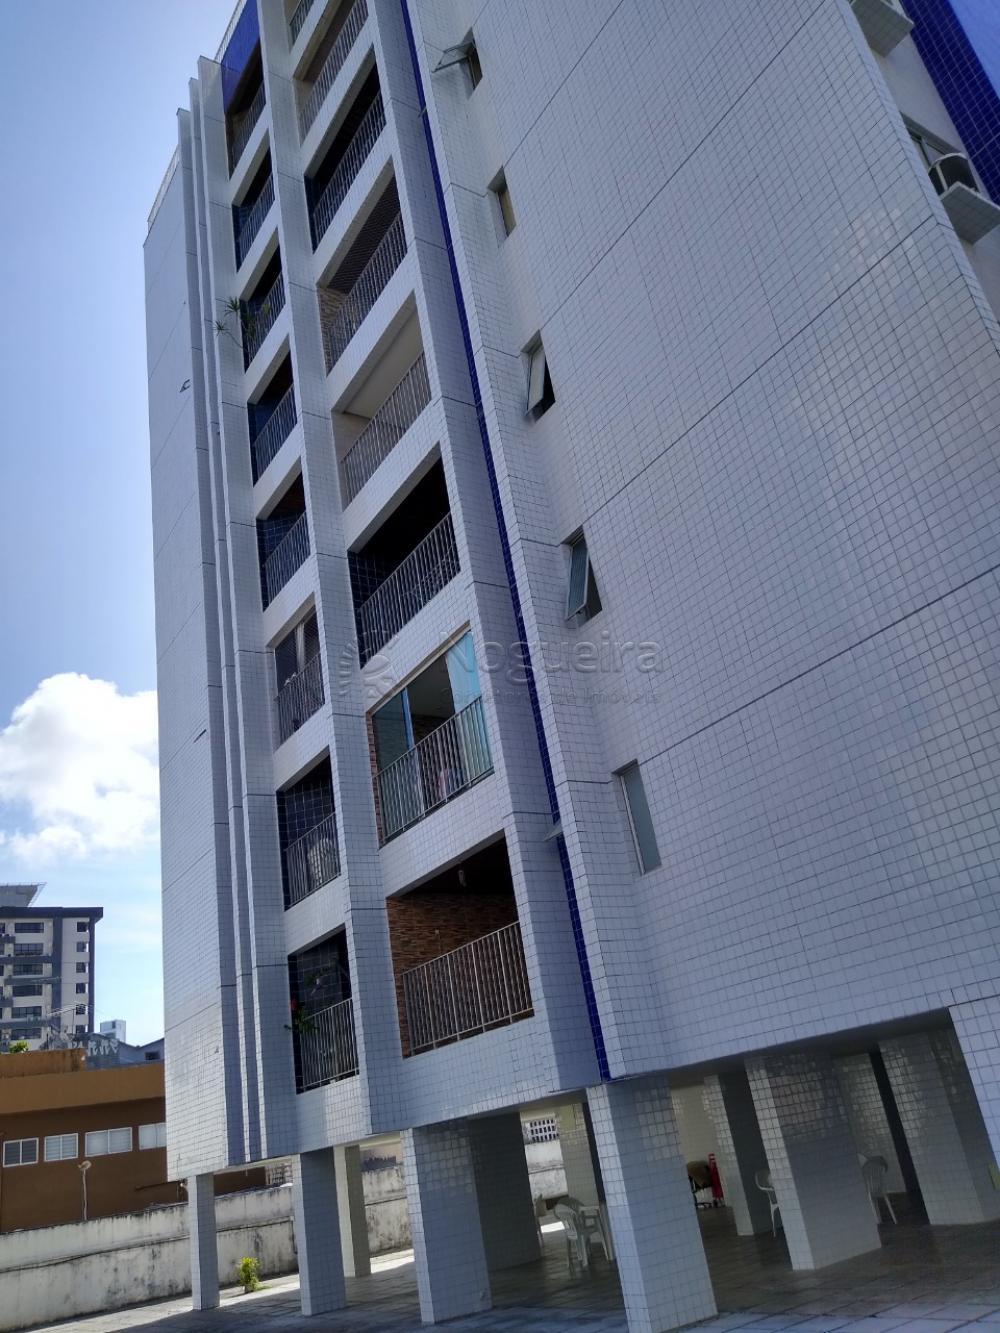 Apartamento com excelente localização em boa viagem, na domingos ferreira.  O apartamento possui 145m², 3 quartos sendo 2 suítes, sala para dois ambientes, armários, área de serviço, dormitório de serviço.  O edf possui câmeras de segurança, portaria, bicicletário.  Agende sua visita!